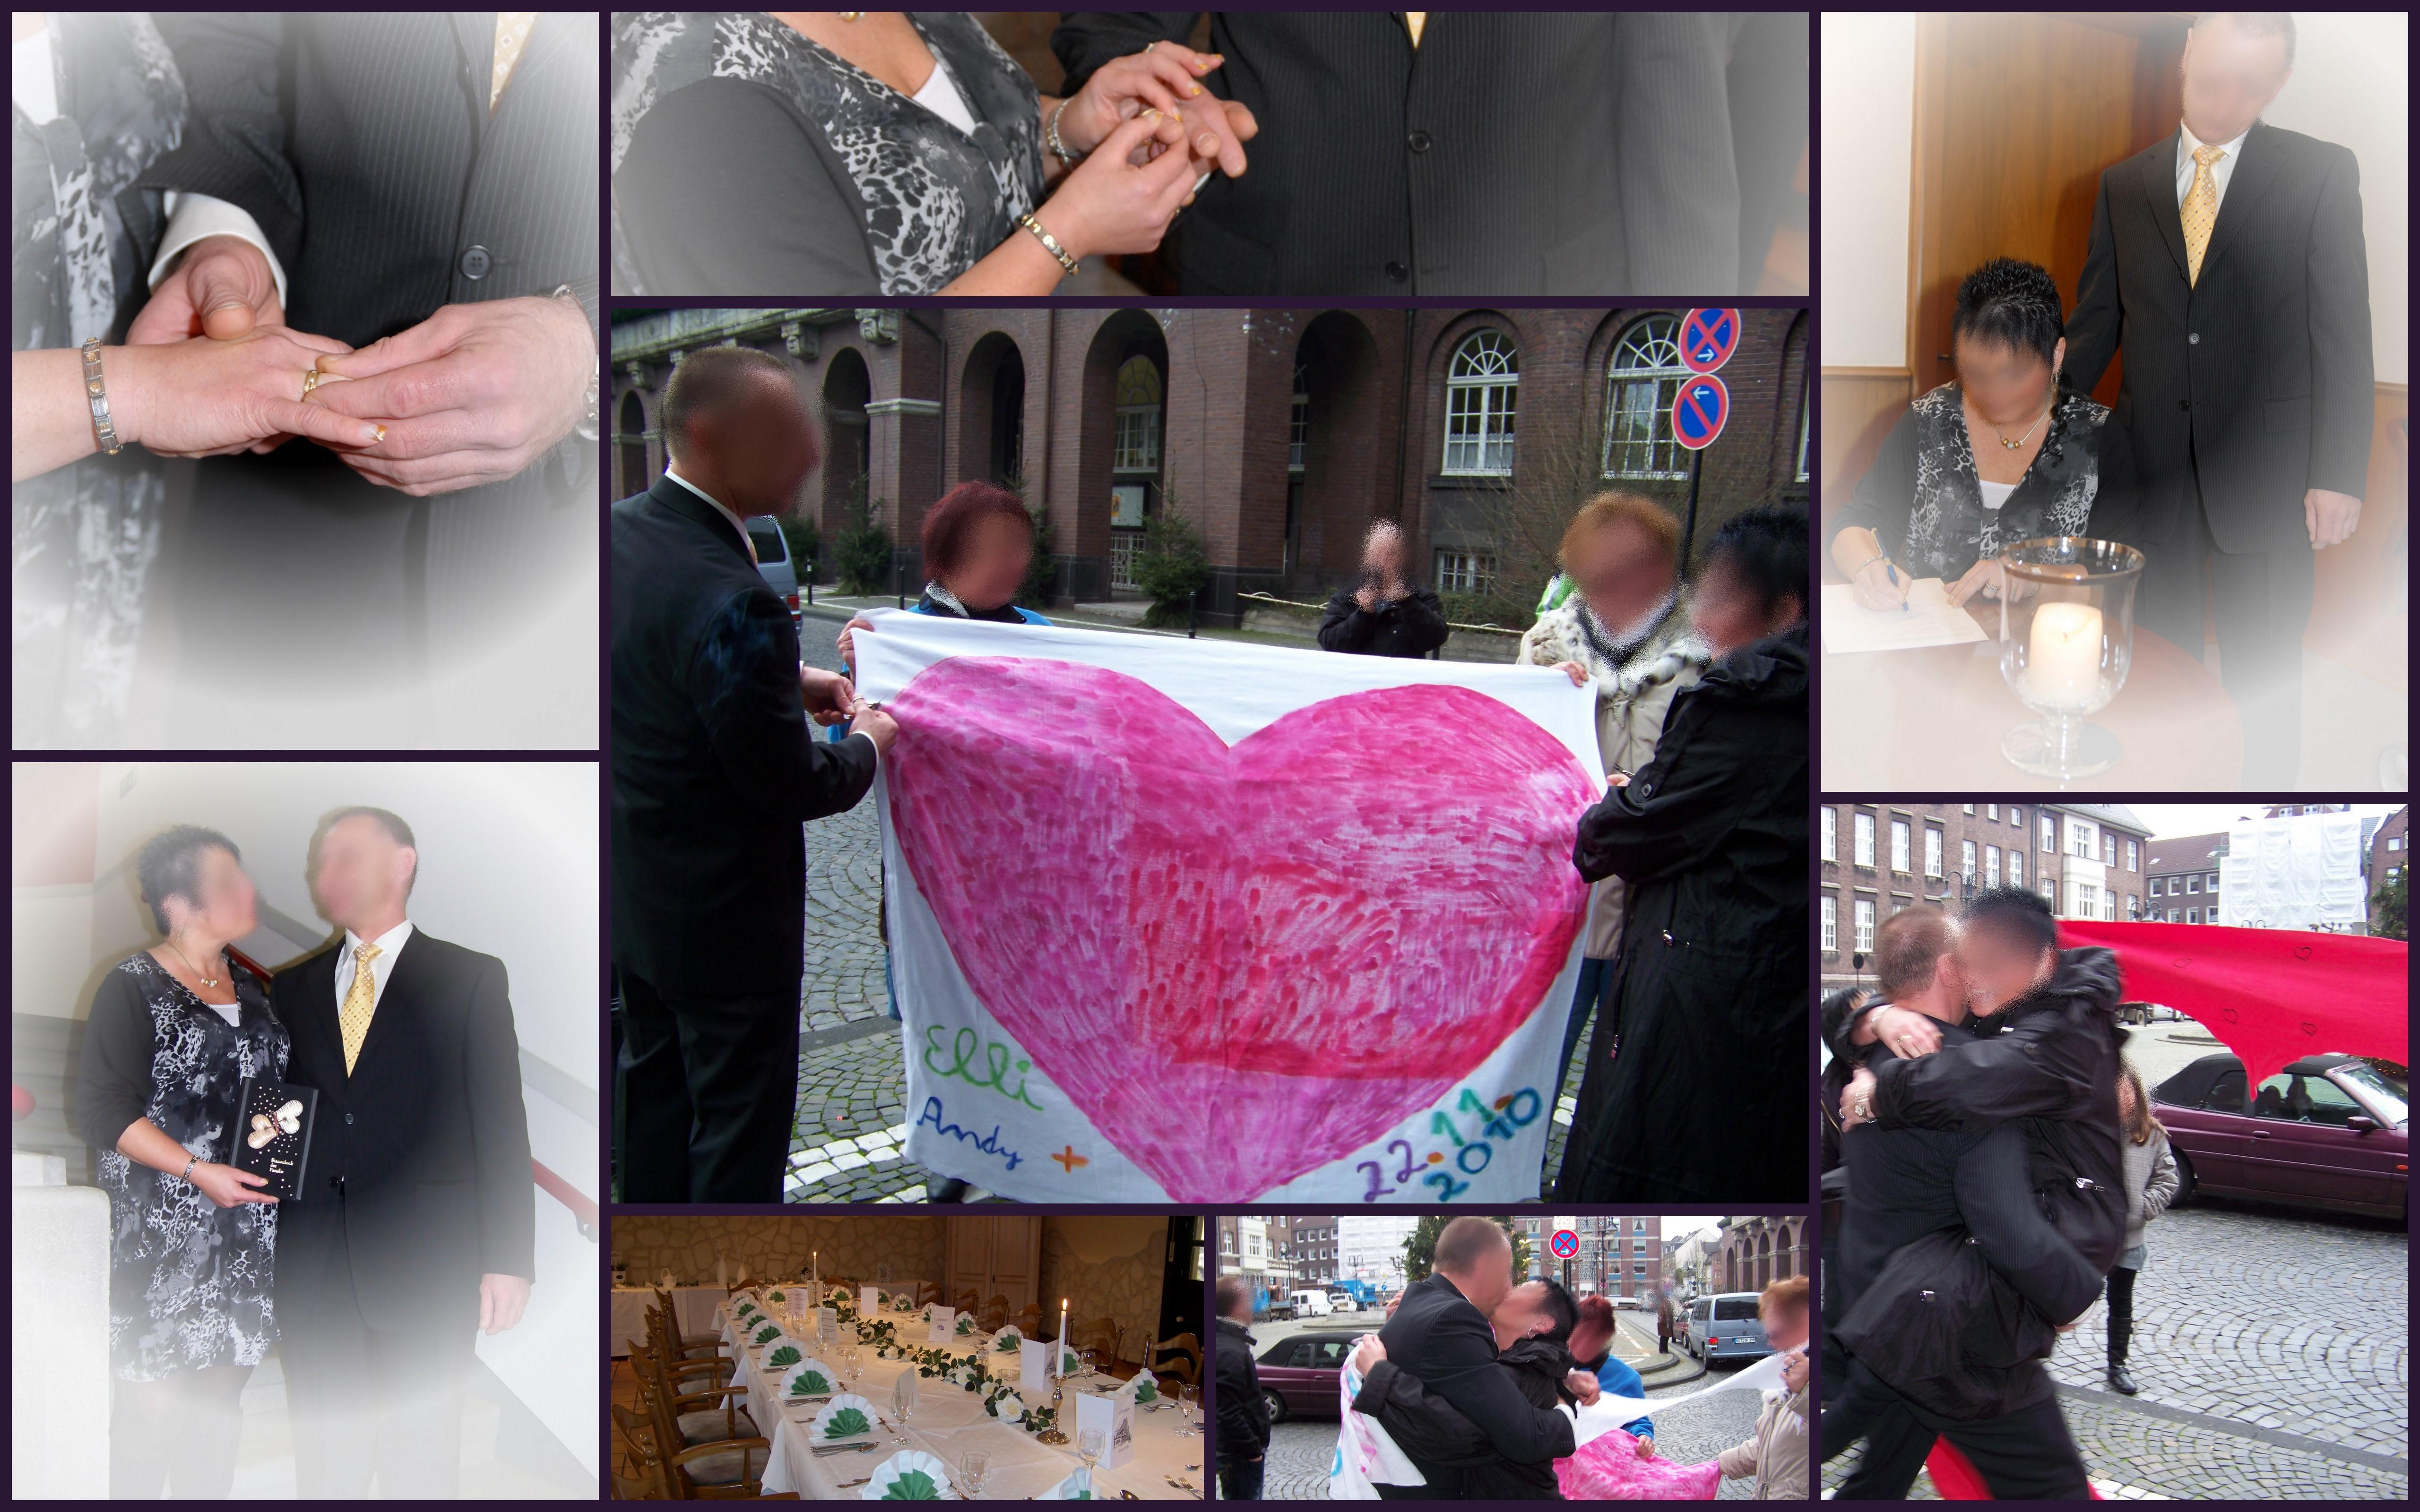 Unsere-Hochzeit-22.11.jpg.c46ac0fcf29576